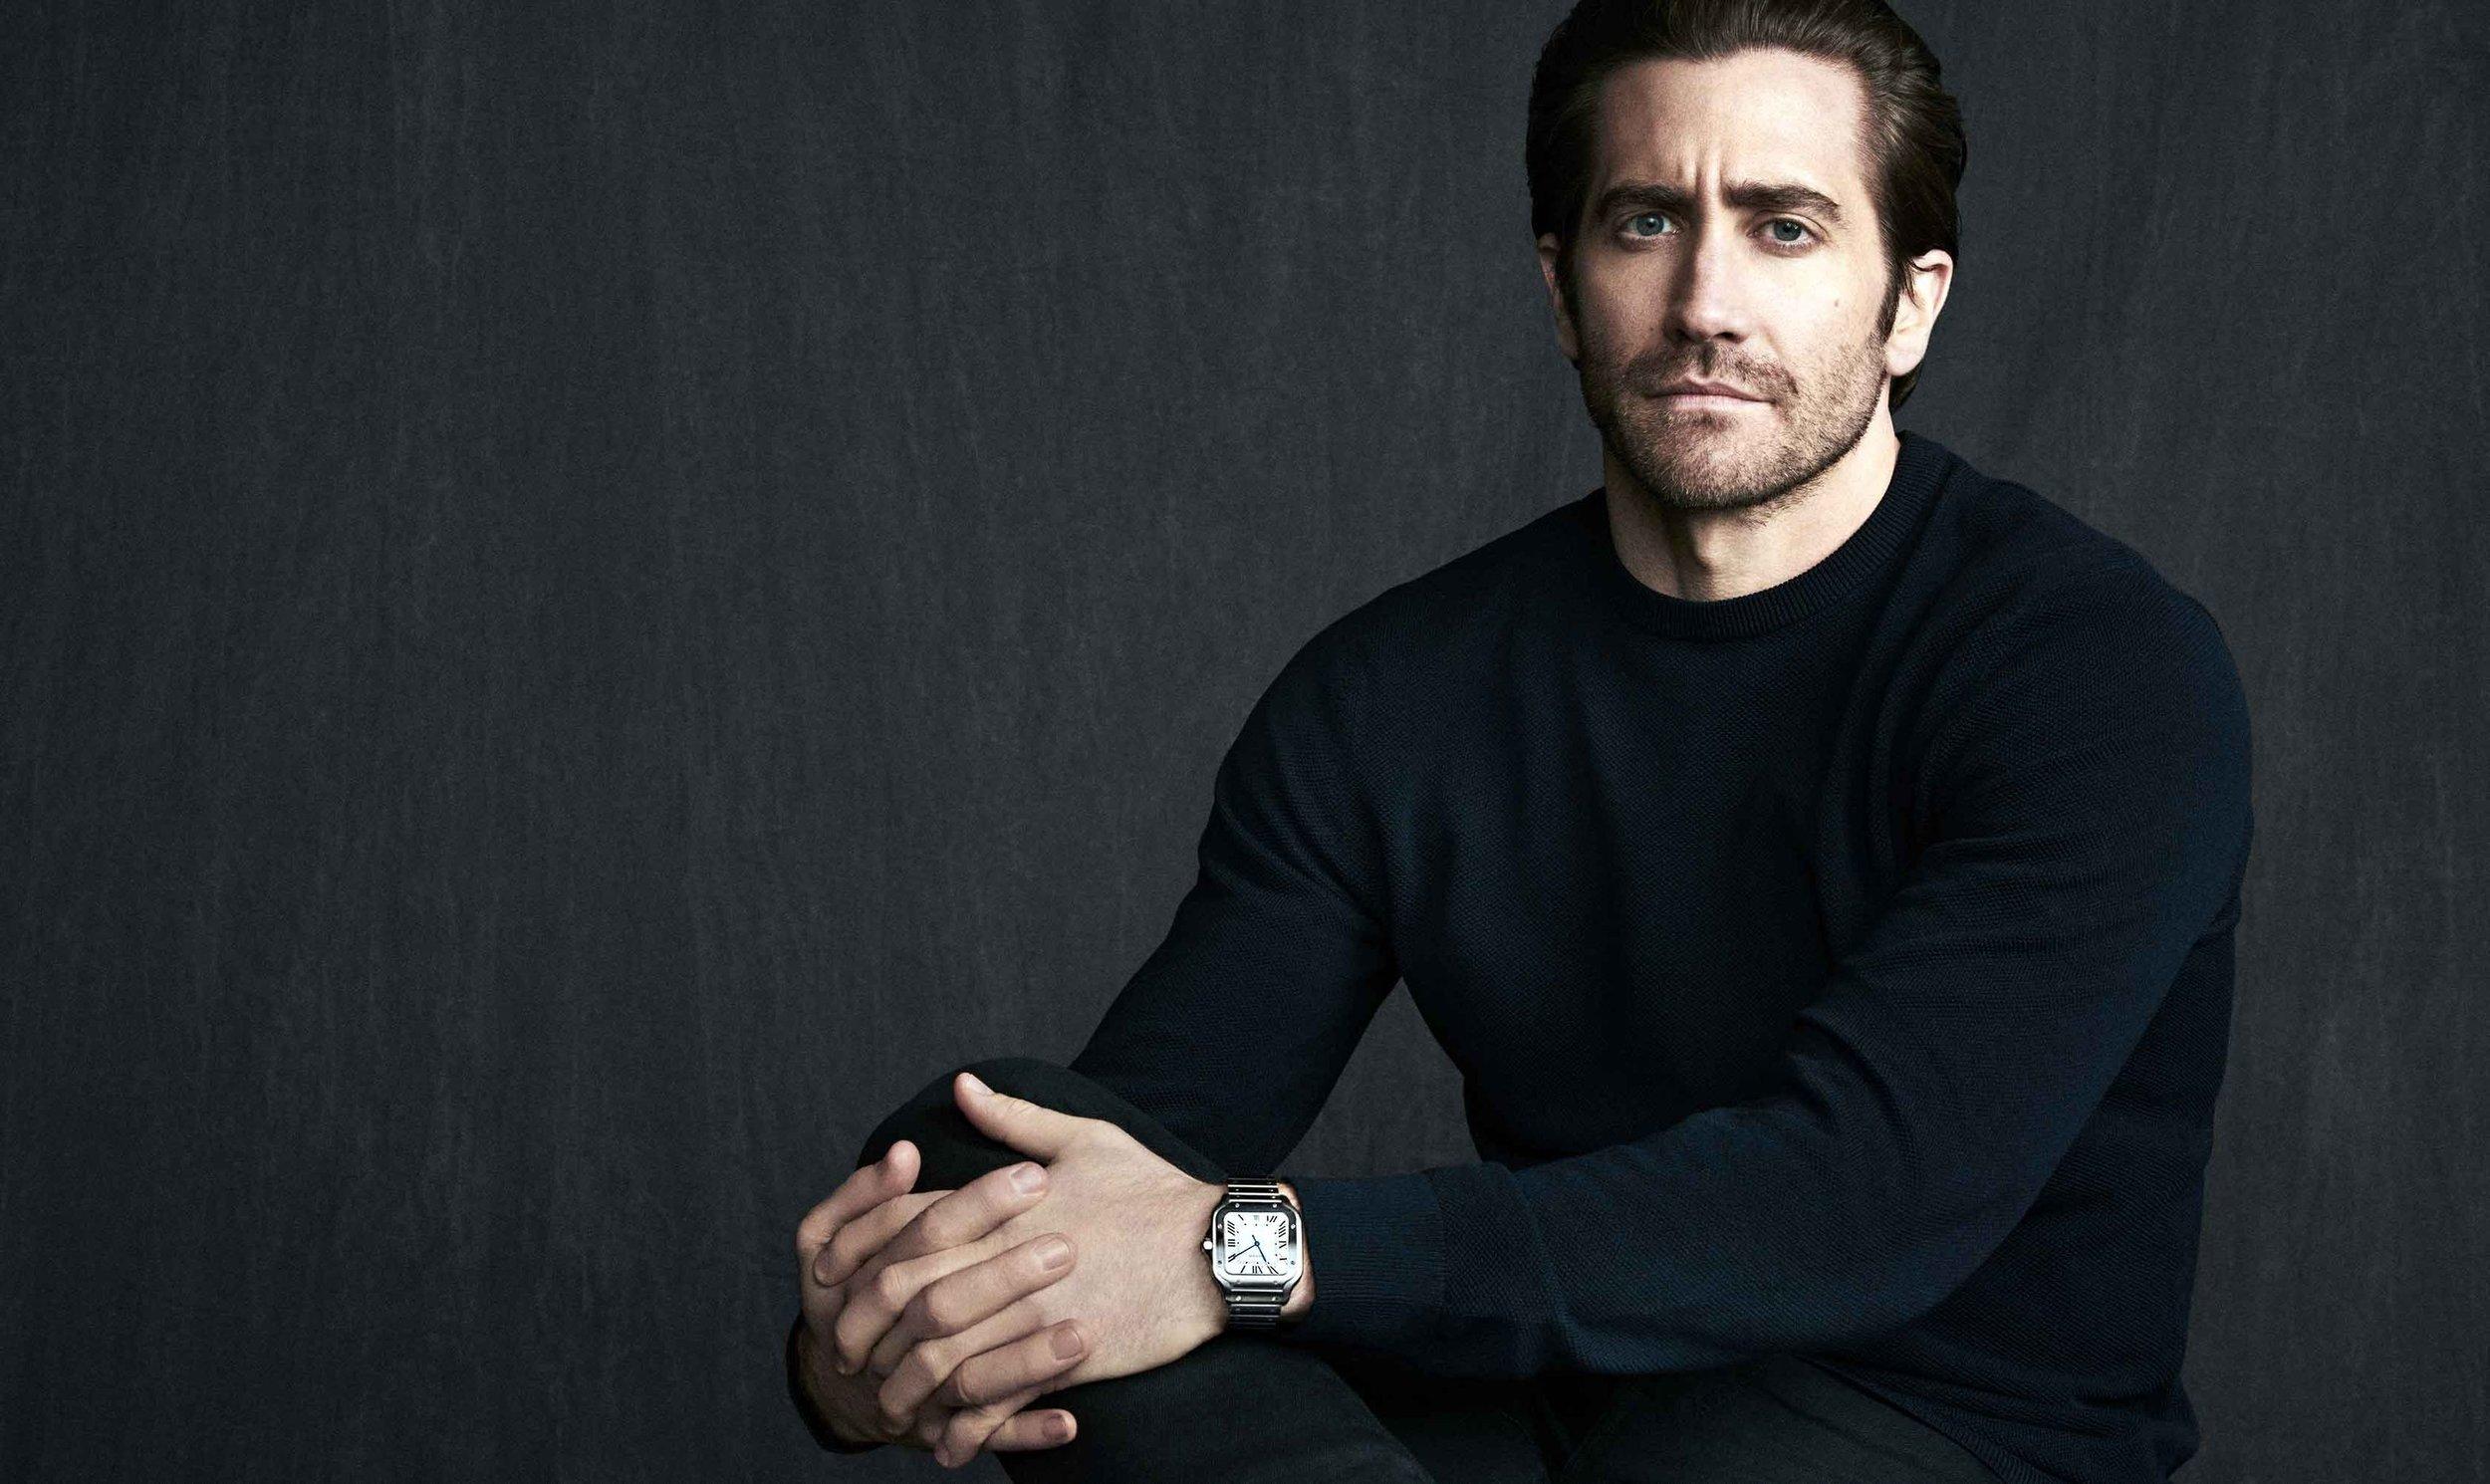 jake-gyllenhaal-1527613003.jpg